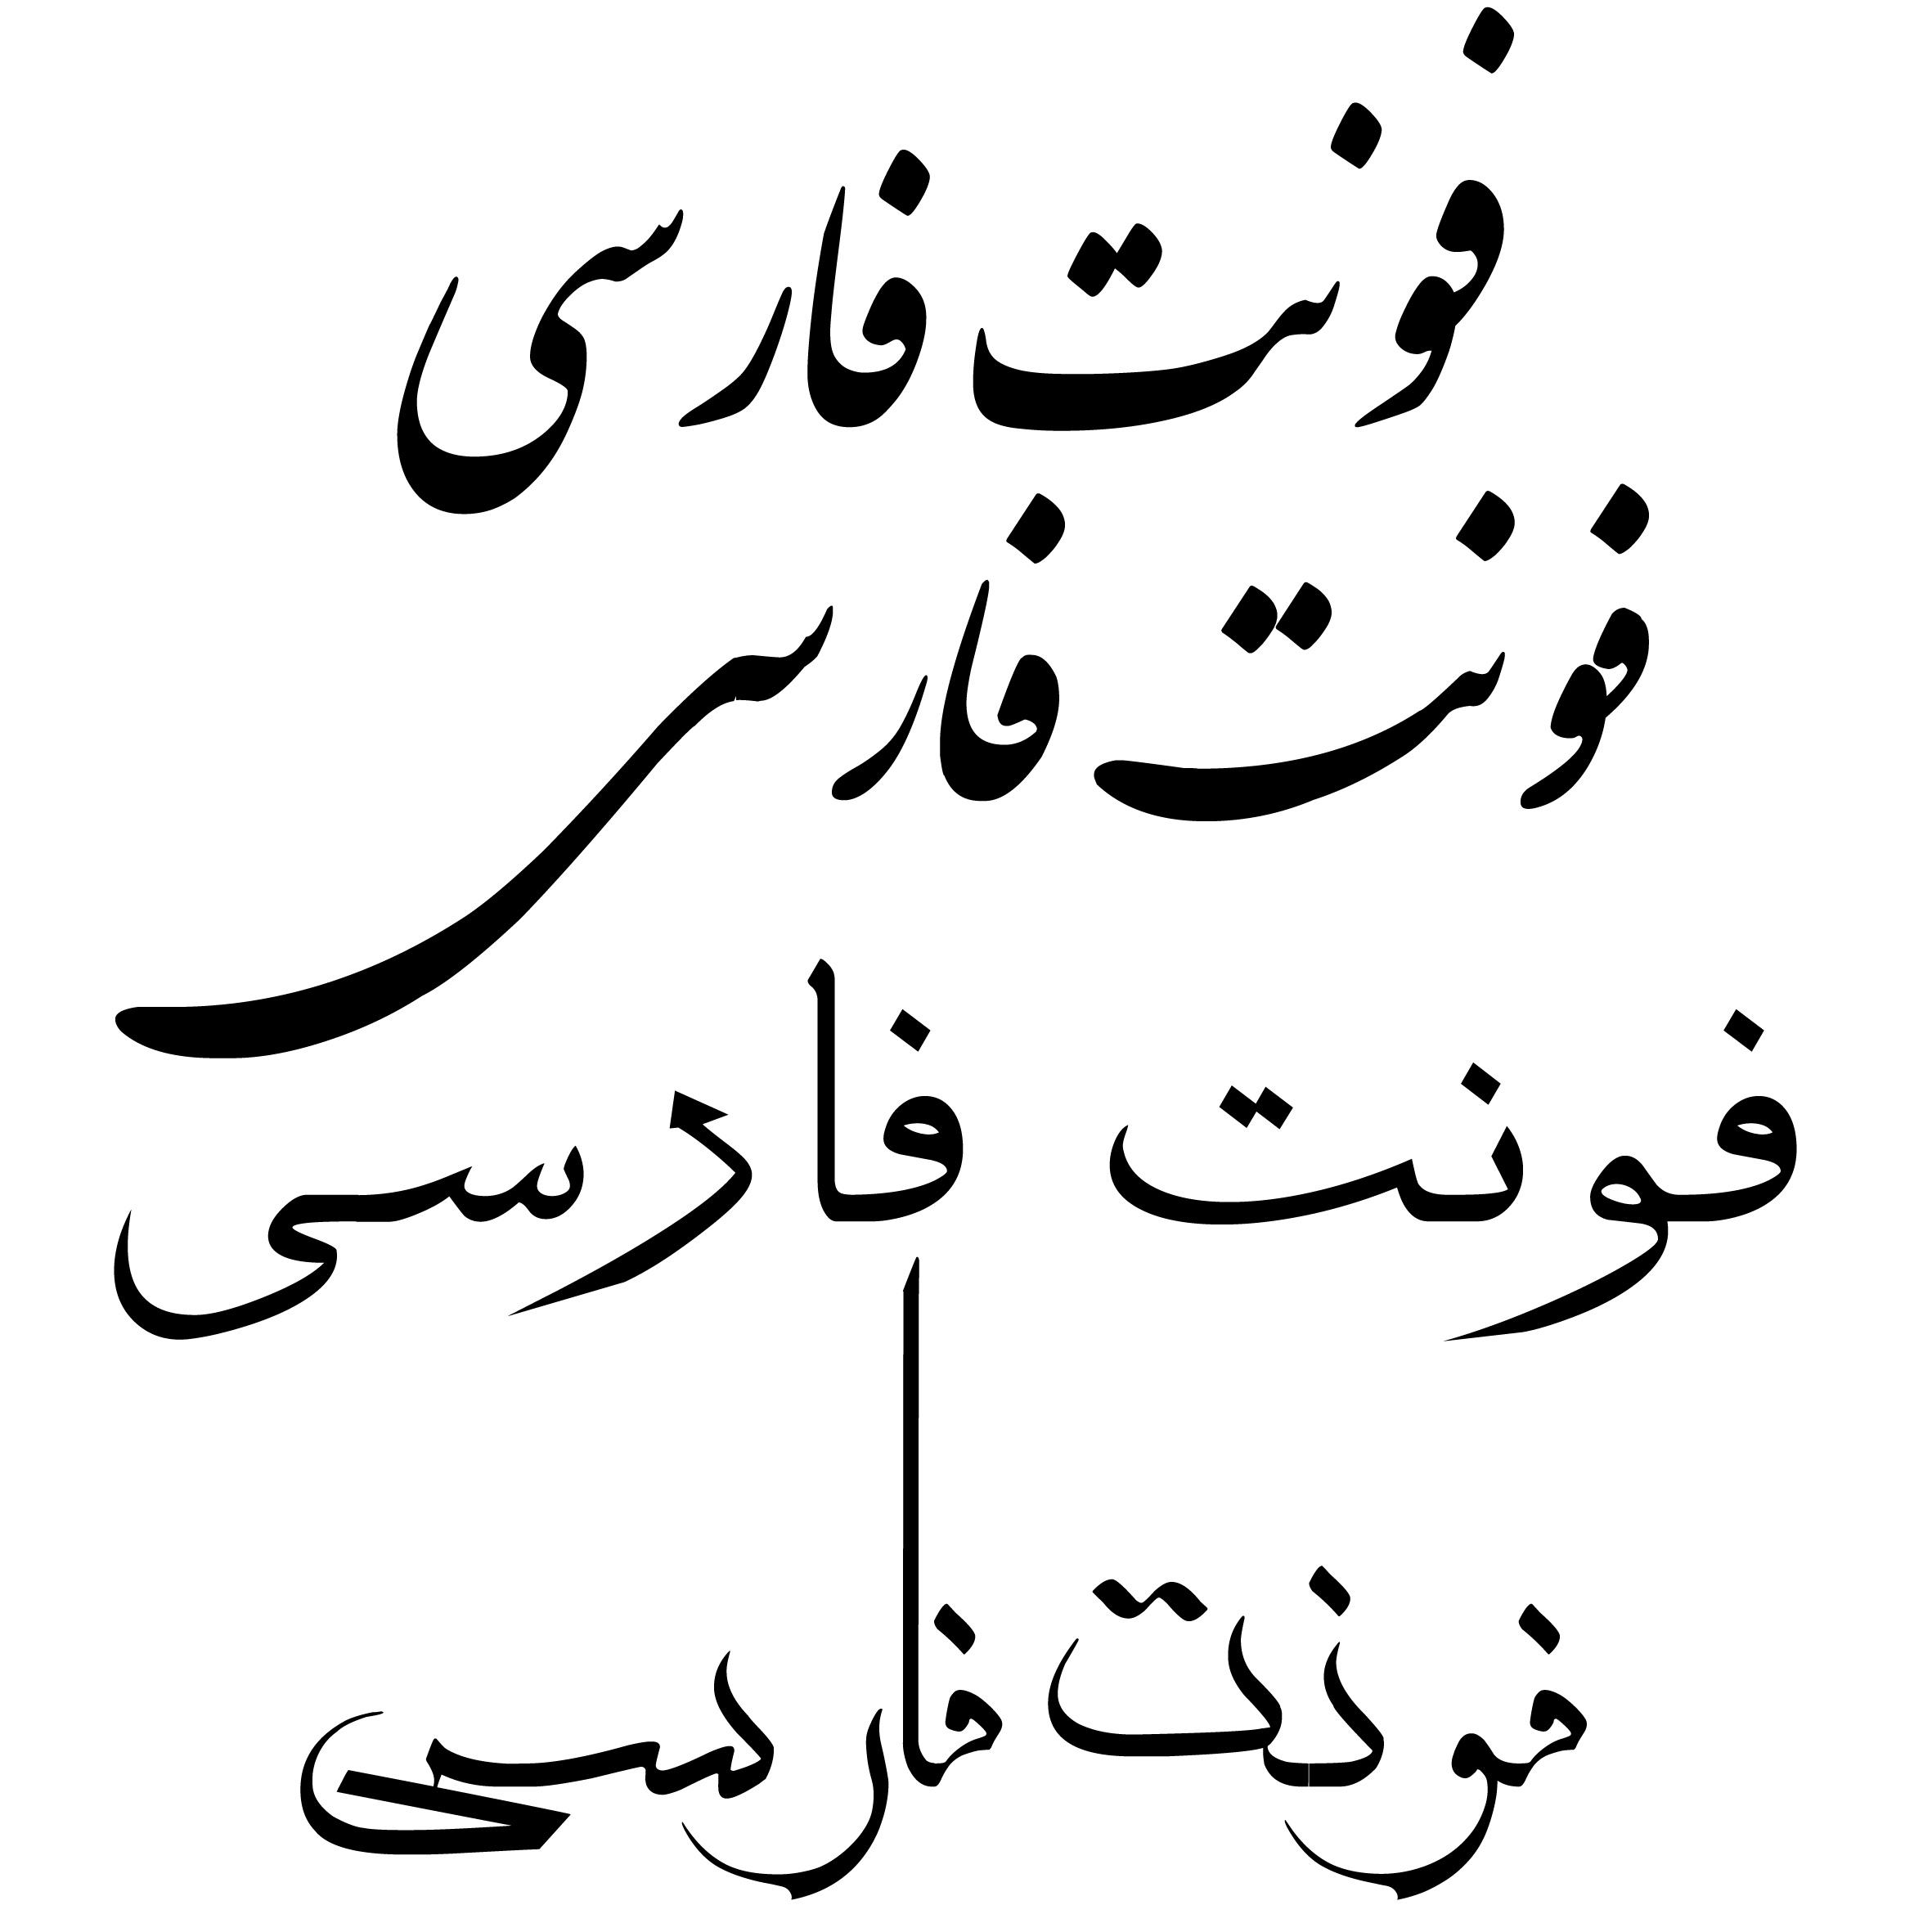 دانلود رایگان فونت های زیبای فارسی (1)